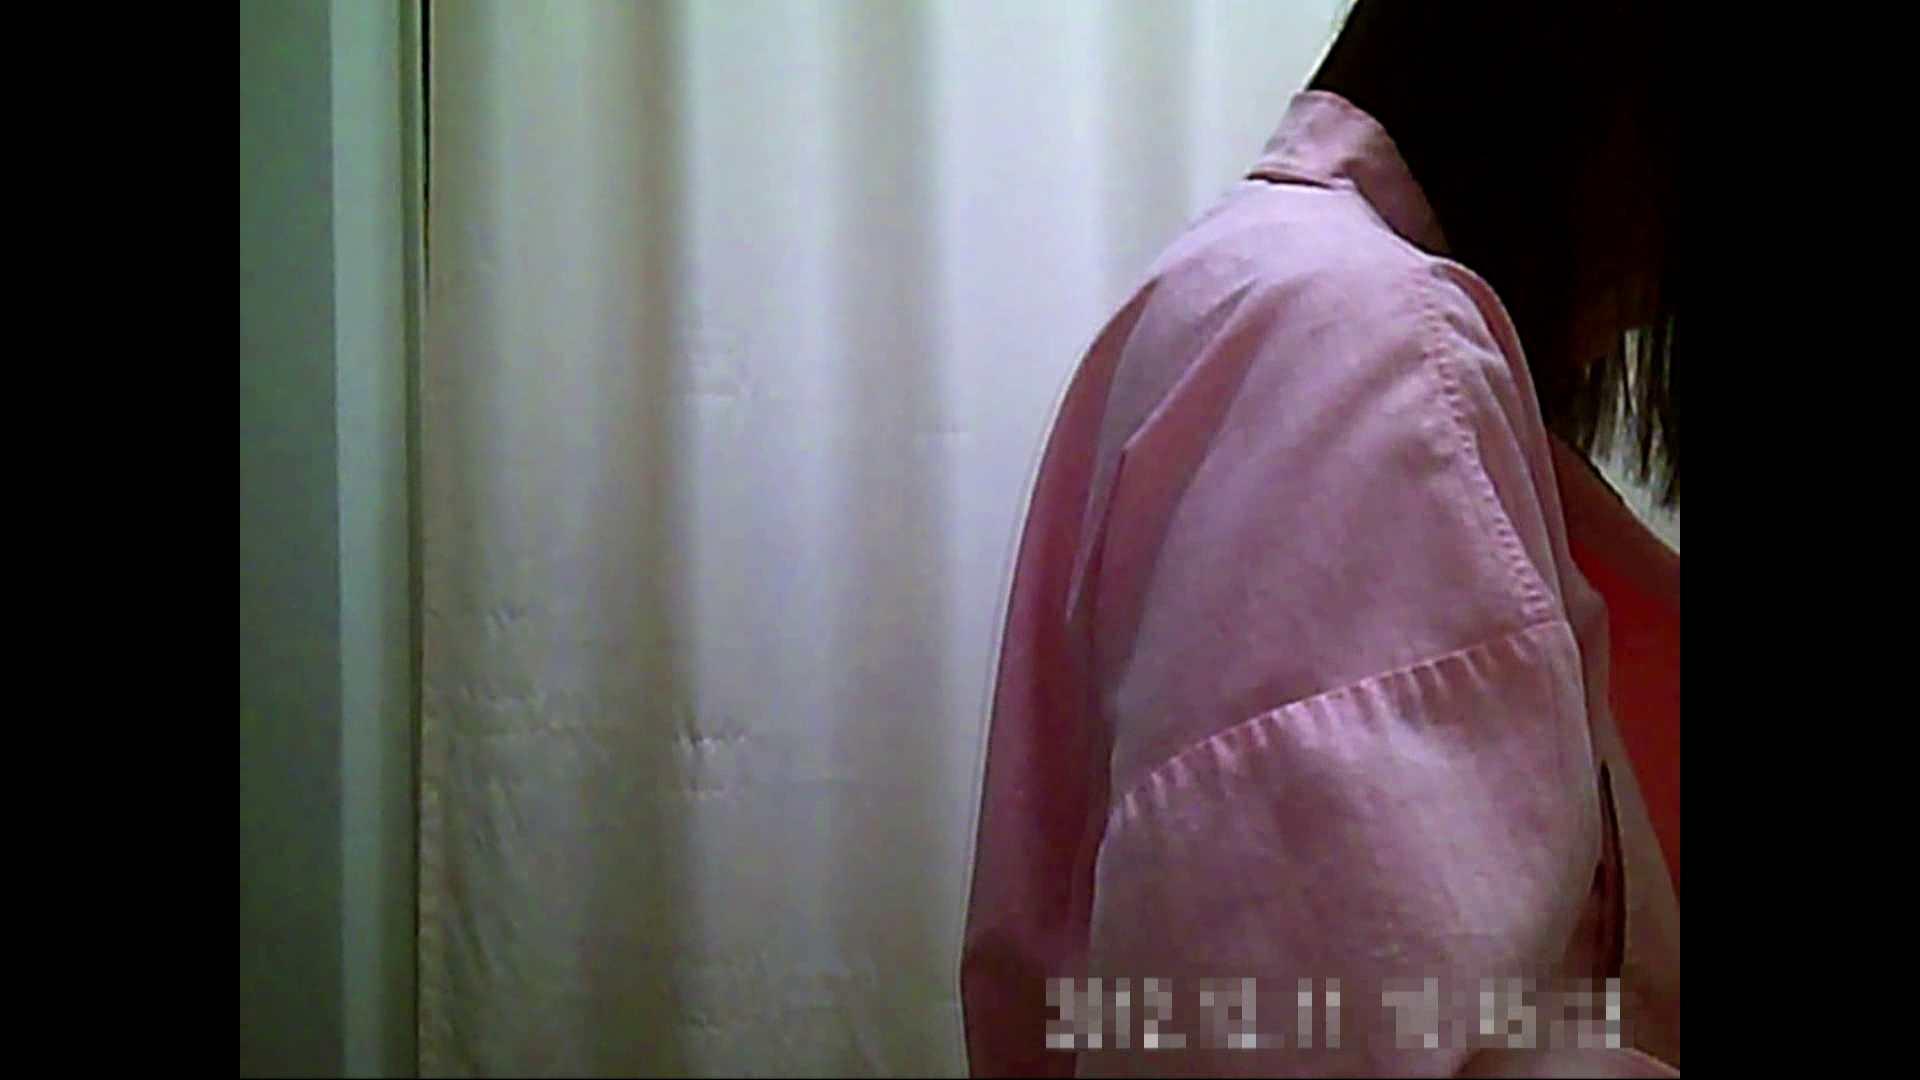 トイレ盗撮|元医者による反抗 更衣室地獄絵巻 vol.122|怪盗ジョーカー